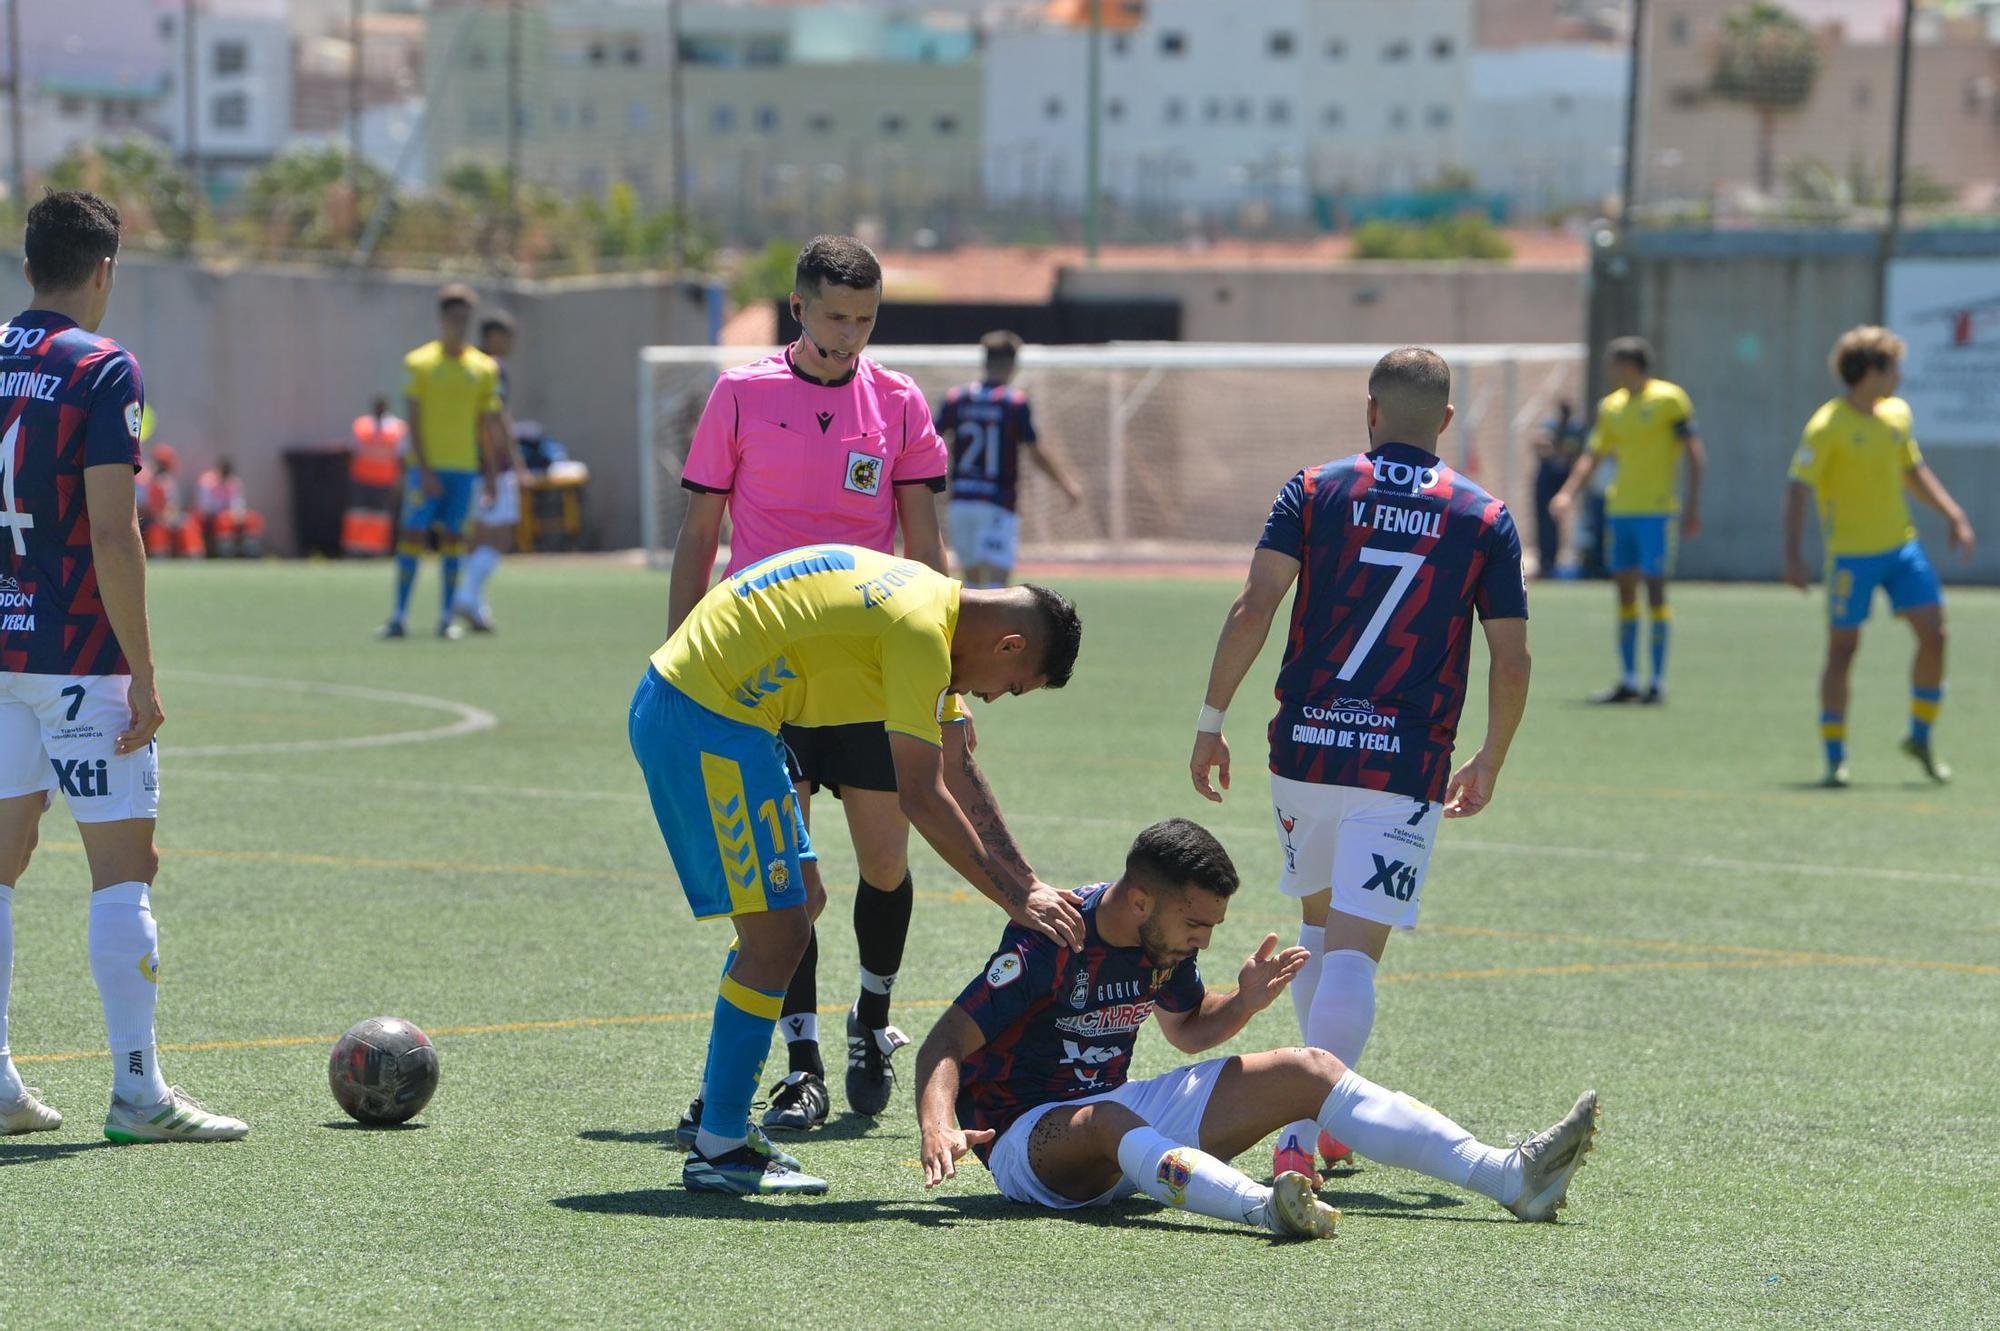 Partido entre Las Palmas Atlético y Yeclano Deportivo (9/05/2021)